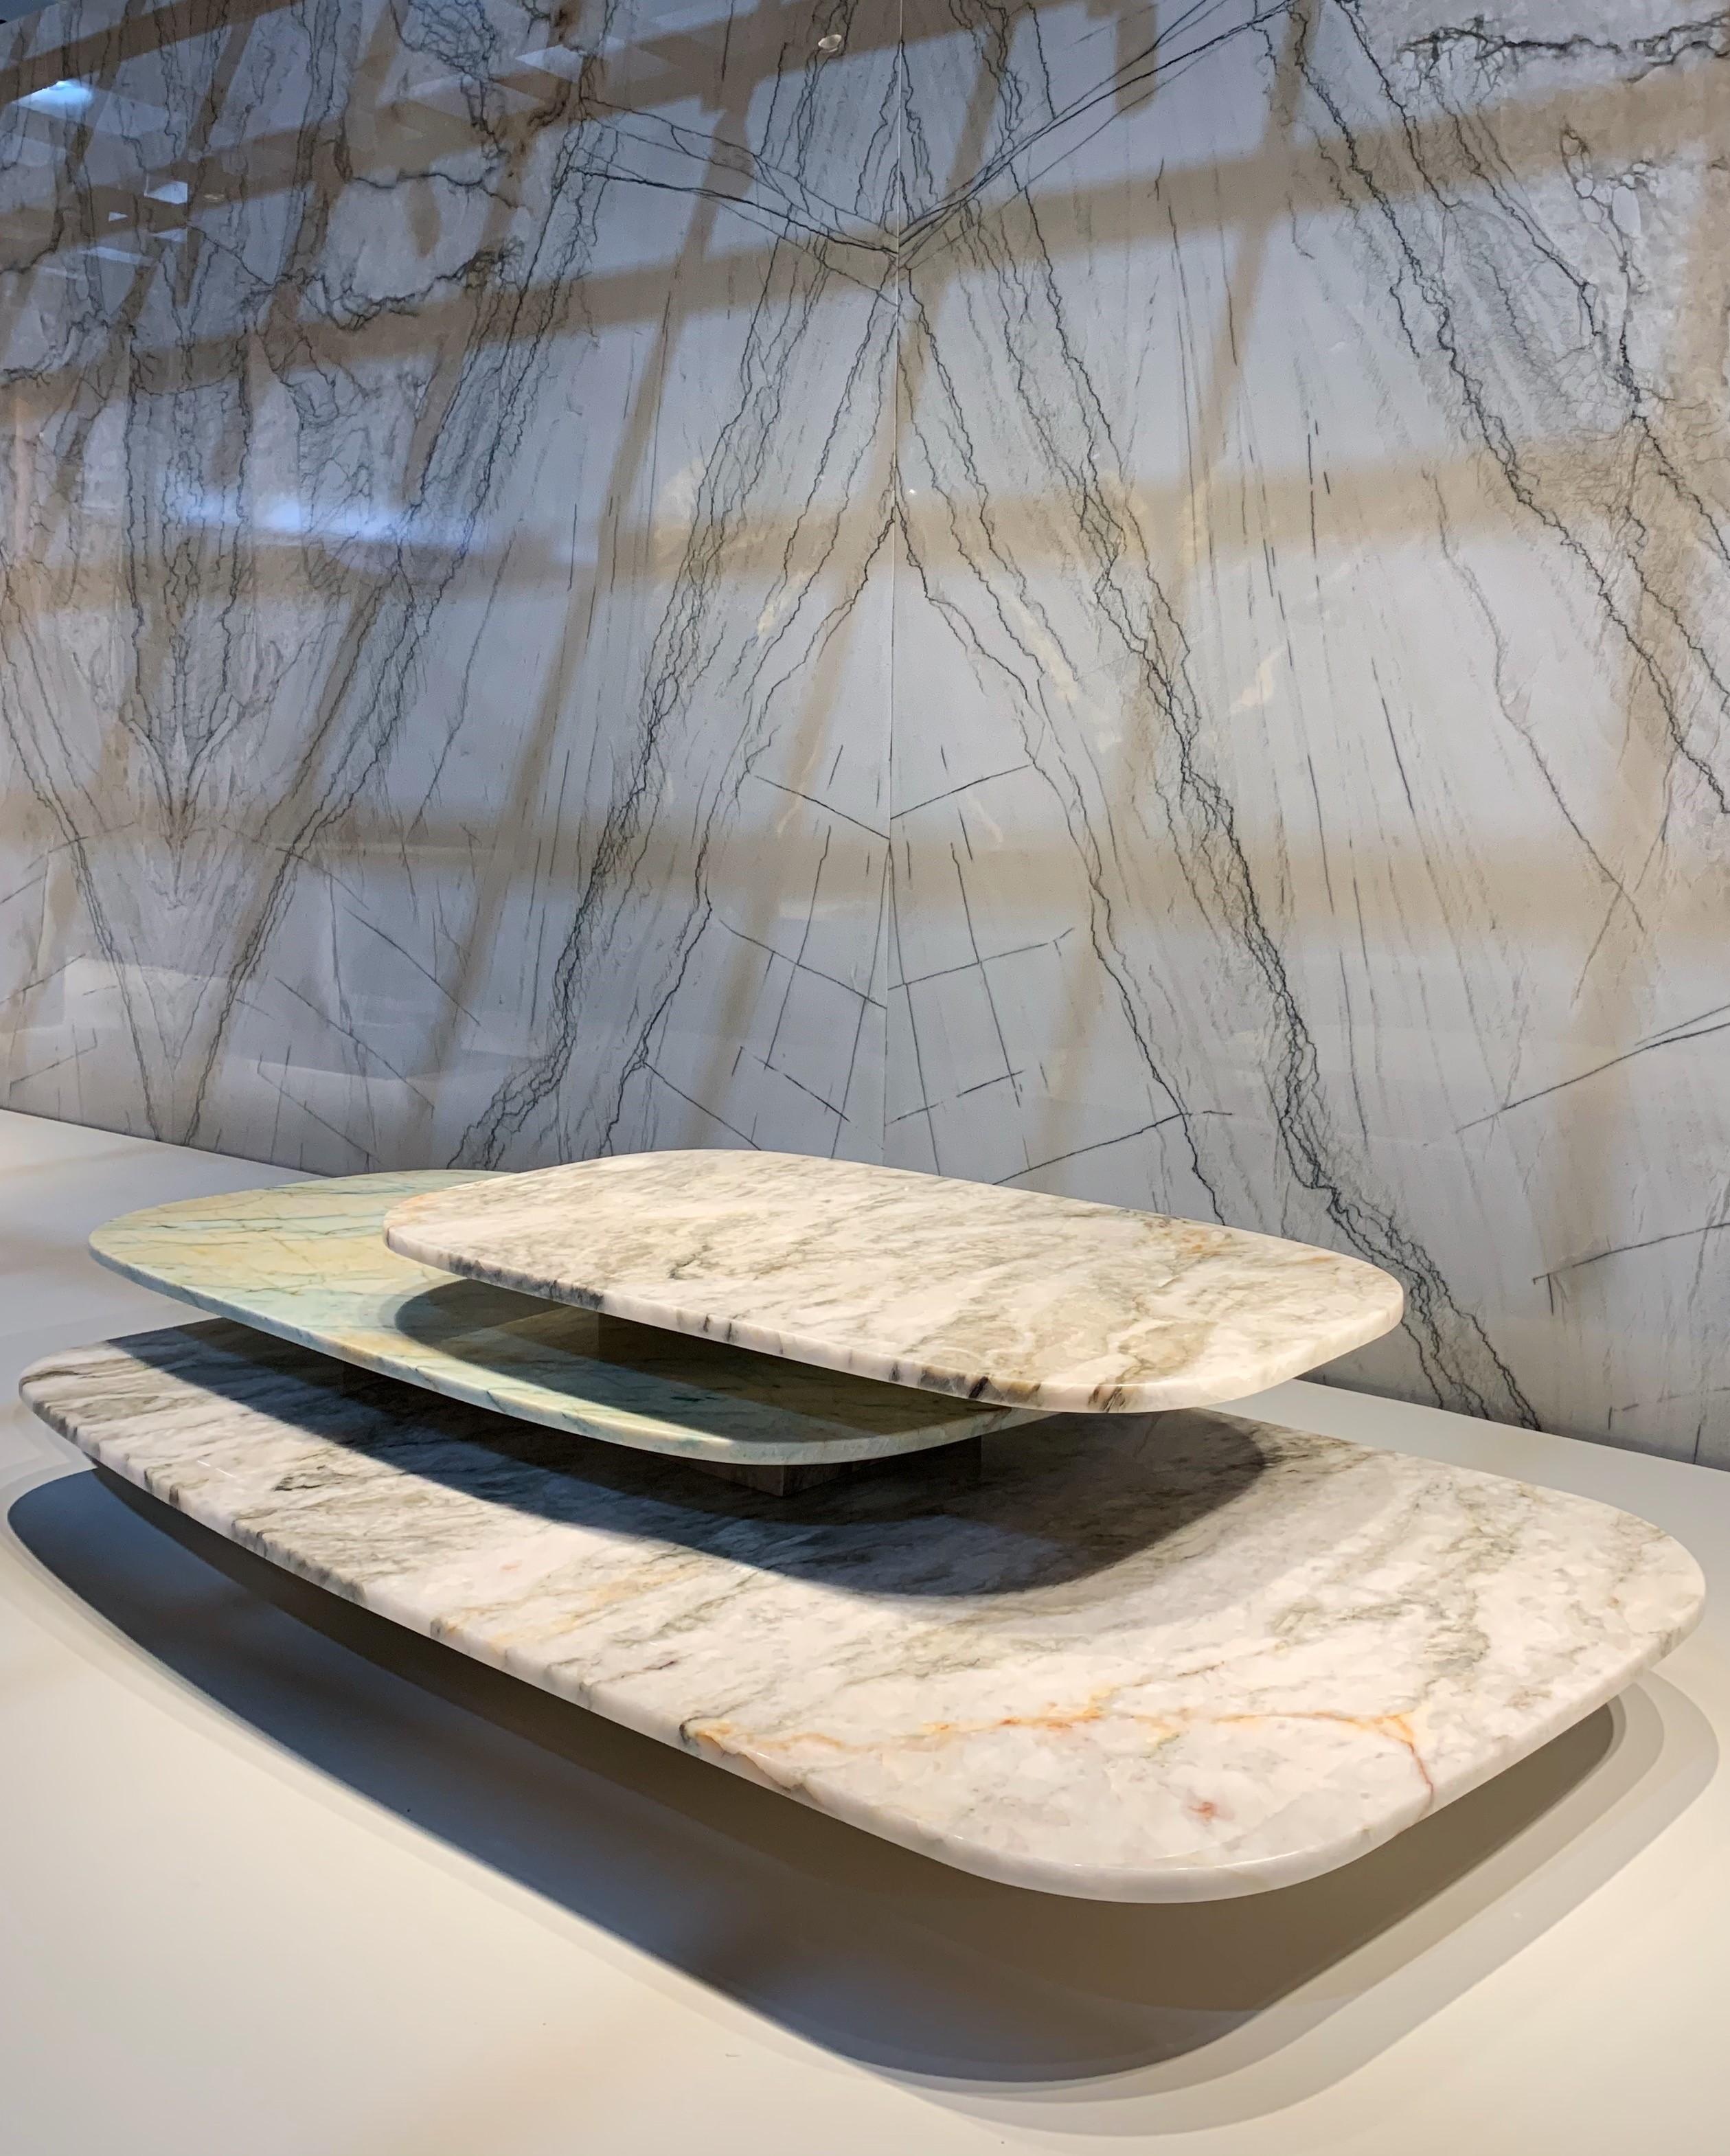 Mostra apresenta peças de design feitas com pedras naturais brasileiras